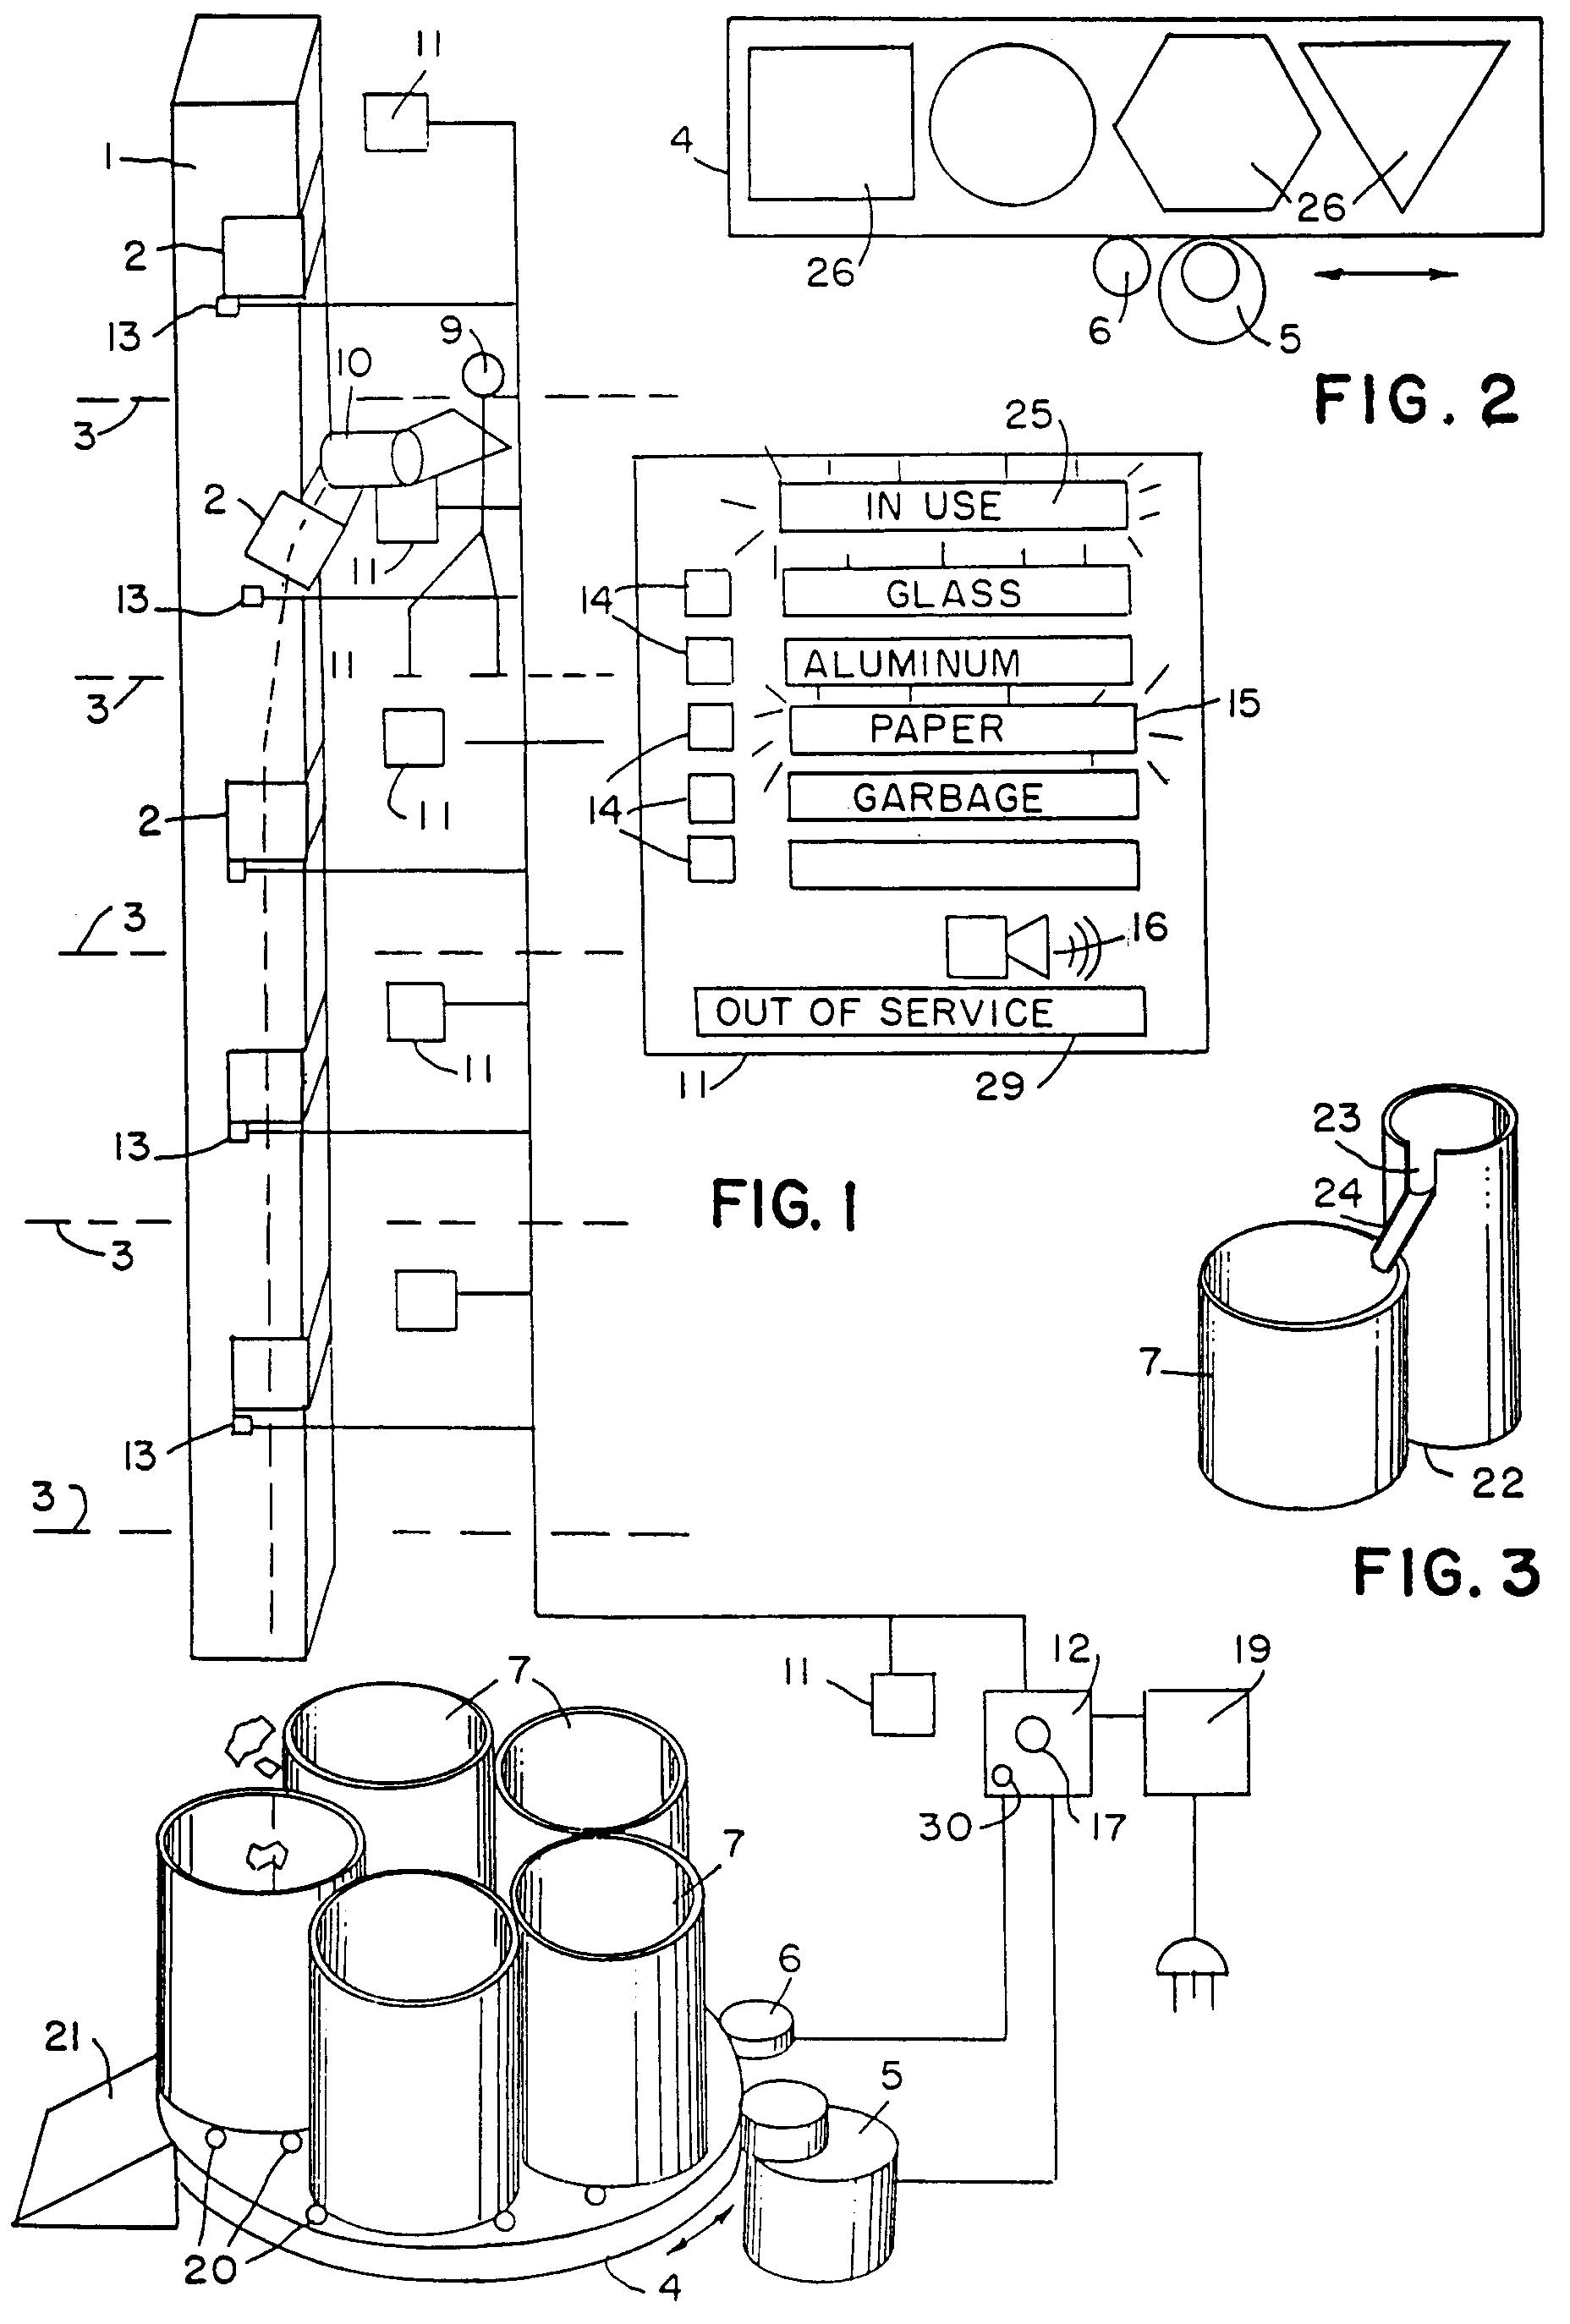 Garbage Chute Details : Patent ep b sammelsystem für nach art getrennte